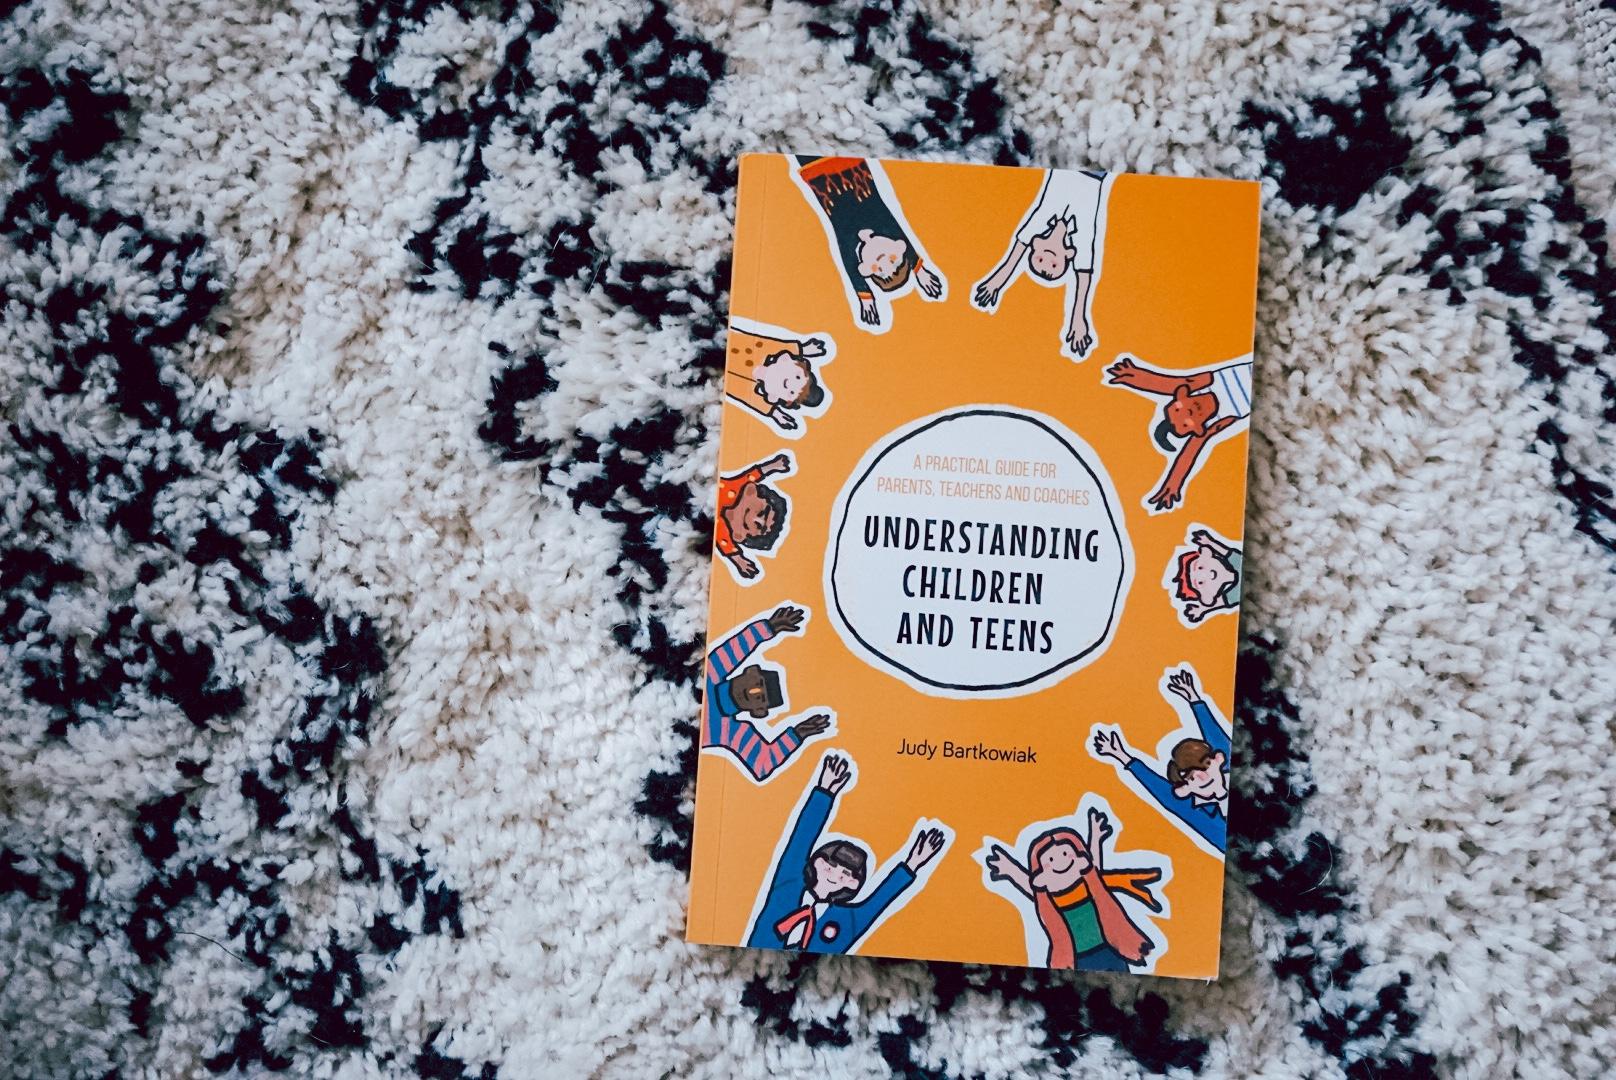 Understanding children and teens